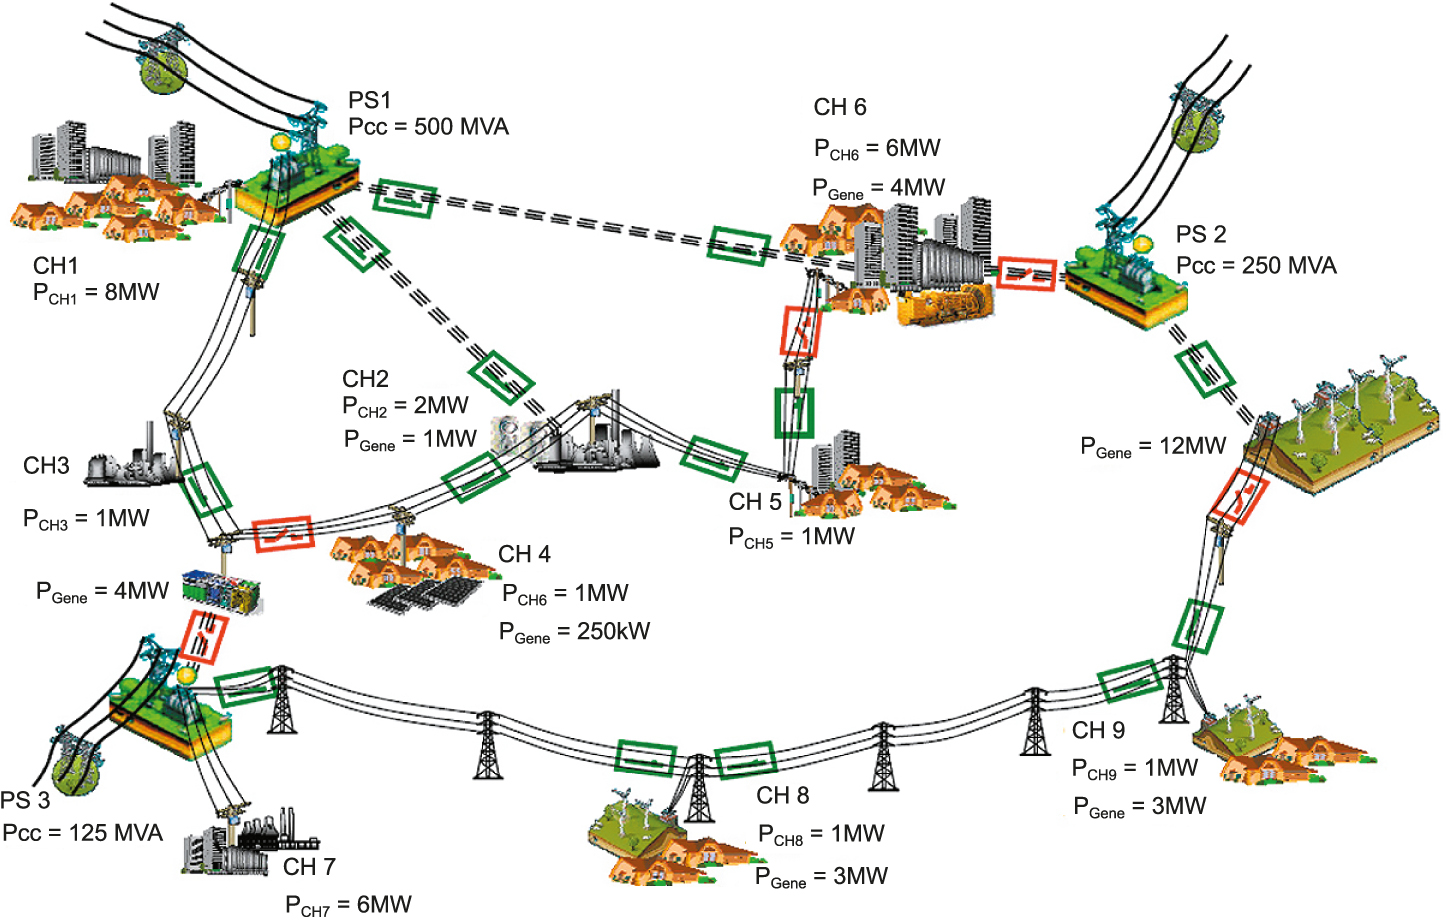 Топология реальной французской сети распределения электроэнергии с тремя различными подстанциями